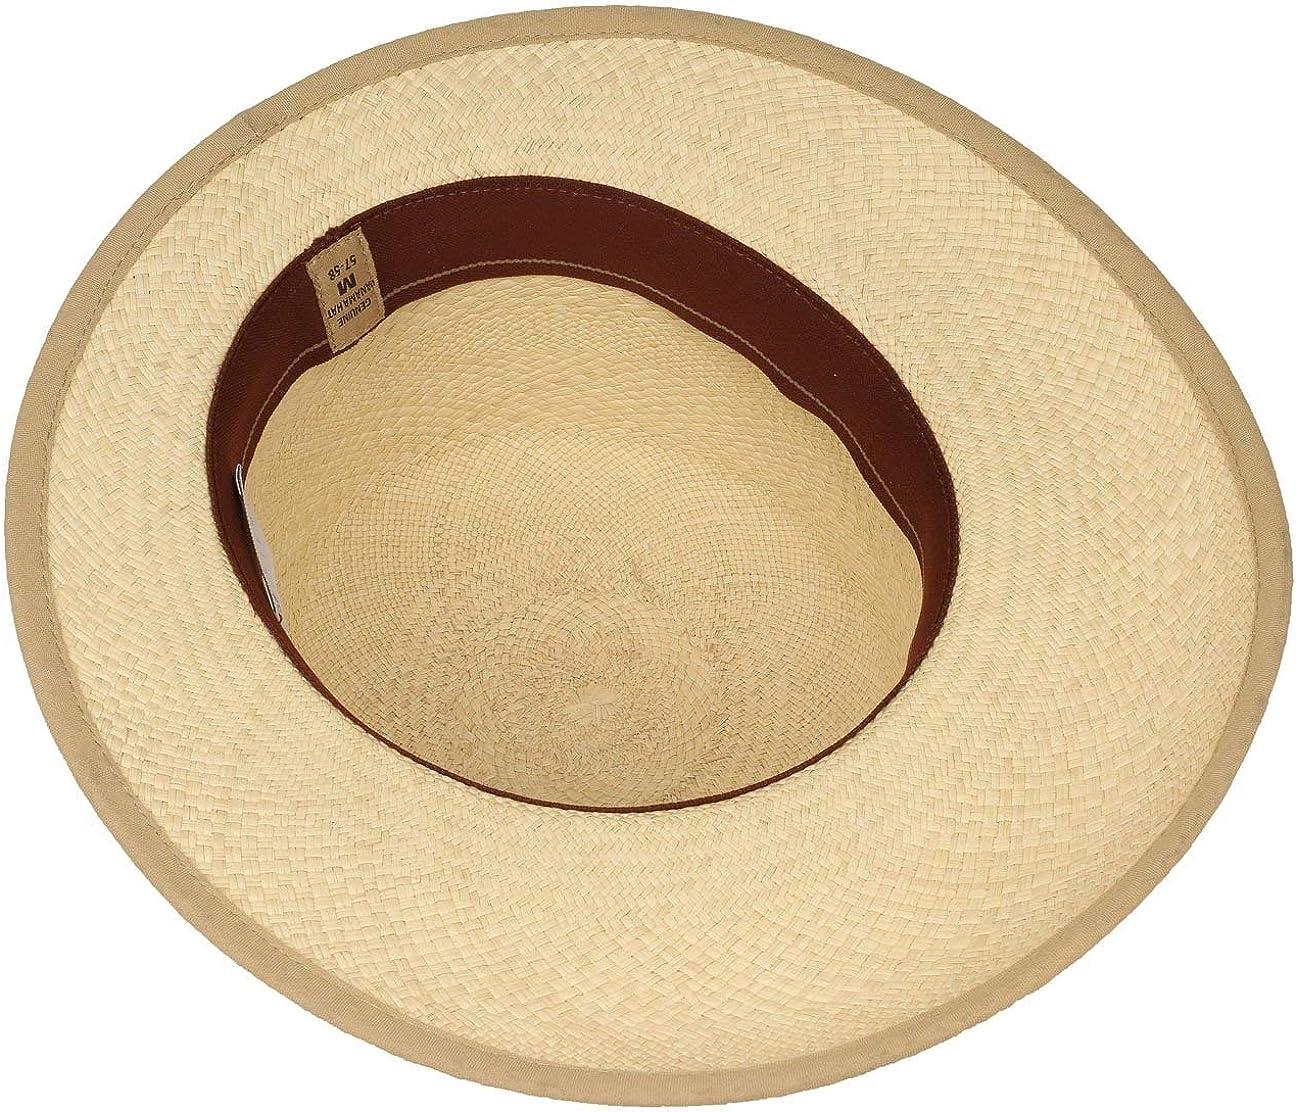 Made in Ecuador de Soleil DEte Casquette pour avec Ruban Gros Grain Passepoil Printemps-ete Lierys Chapeau Vina en Paille Panama Femme